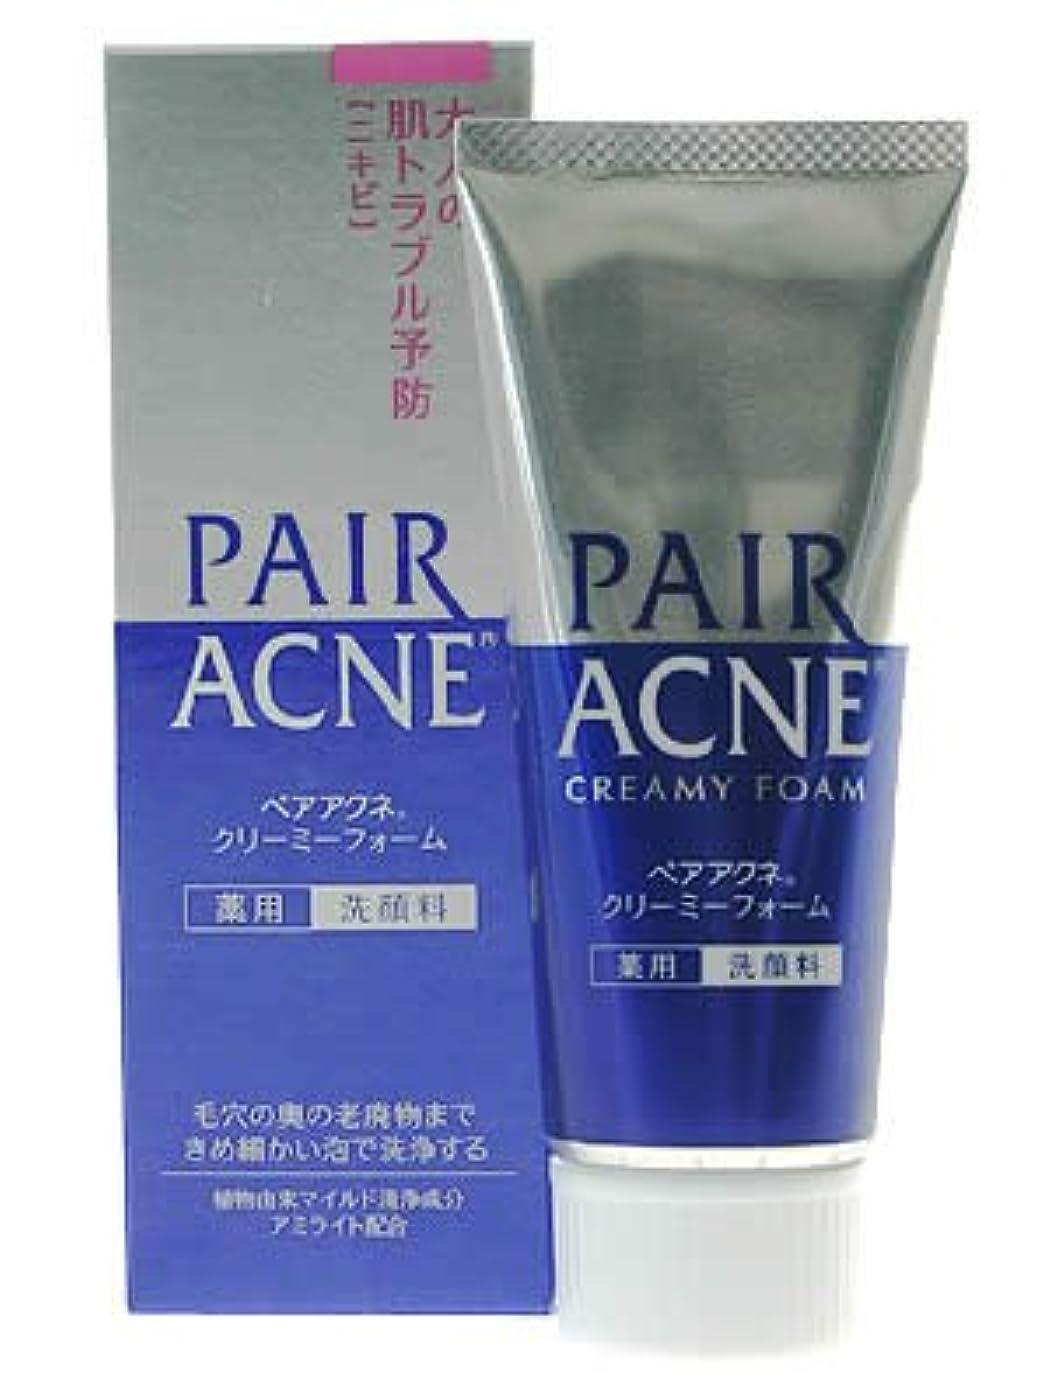 批判的にアクセシブル貧しいペアアクネ クリーミーフォーム 薬用洗顔料 80g(医薬部外品)